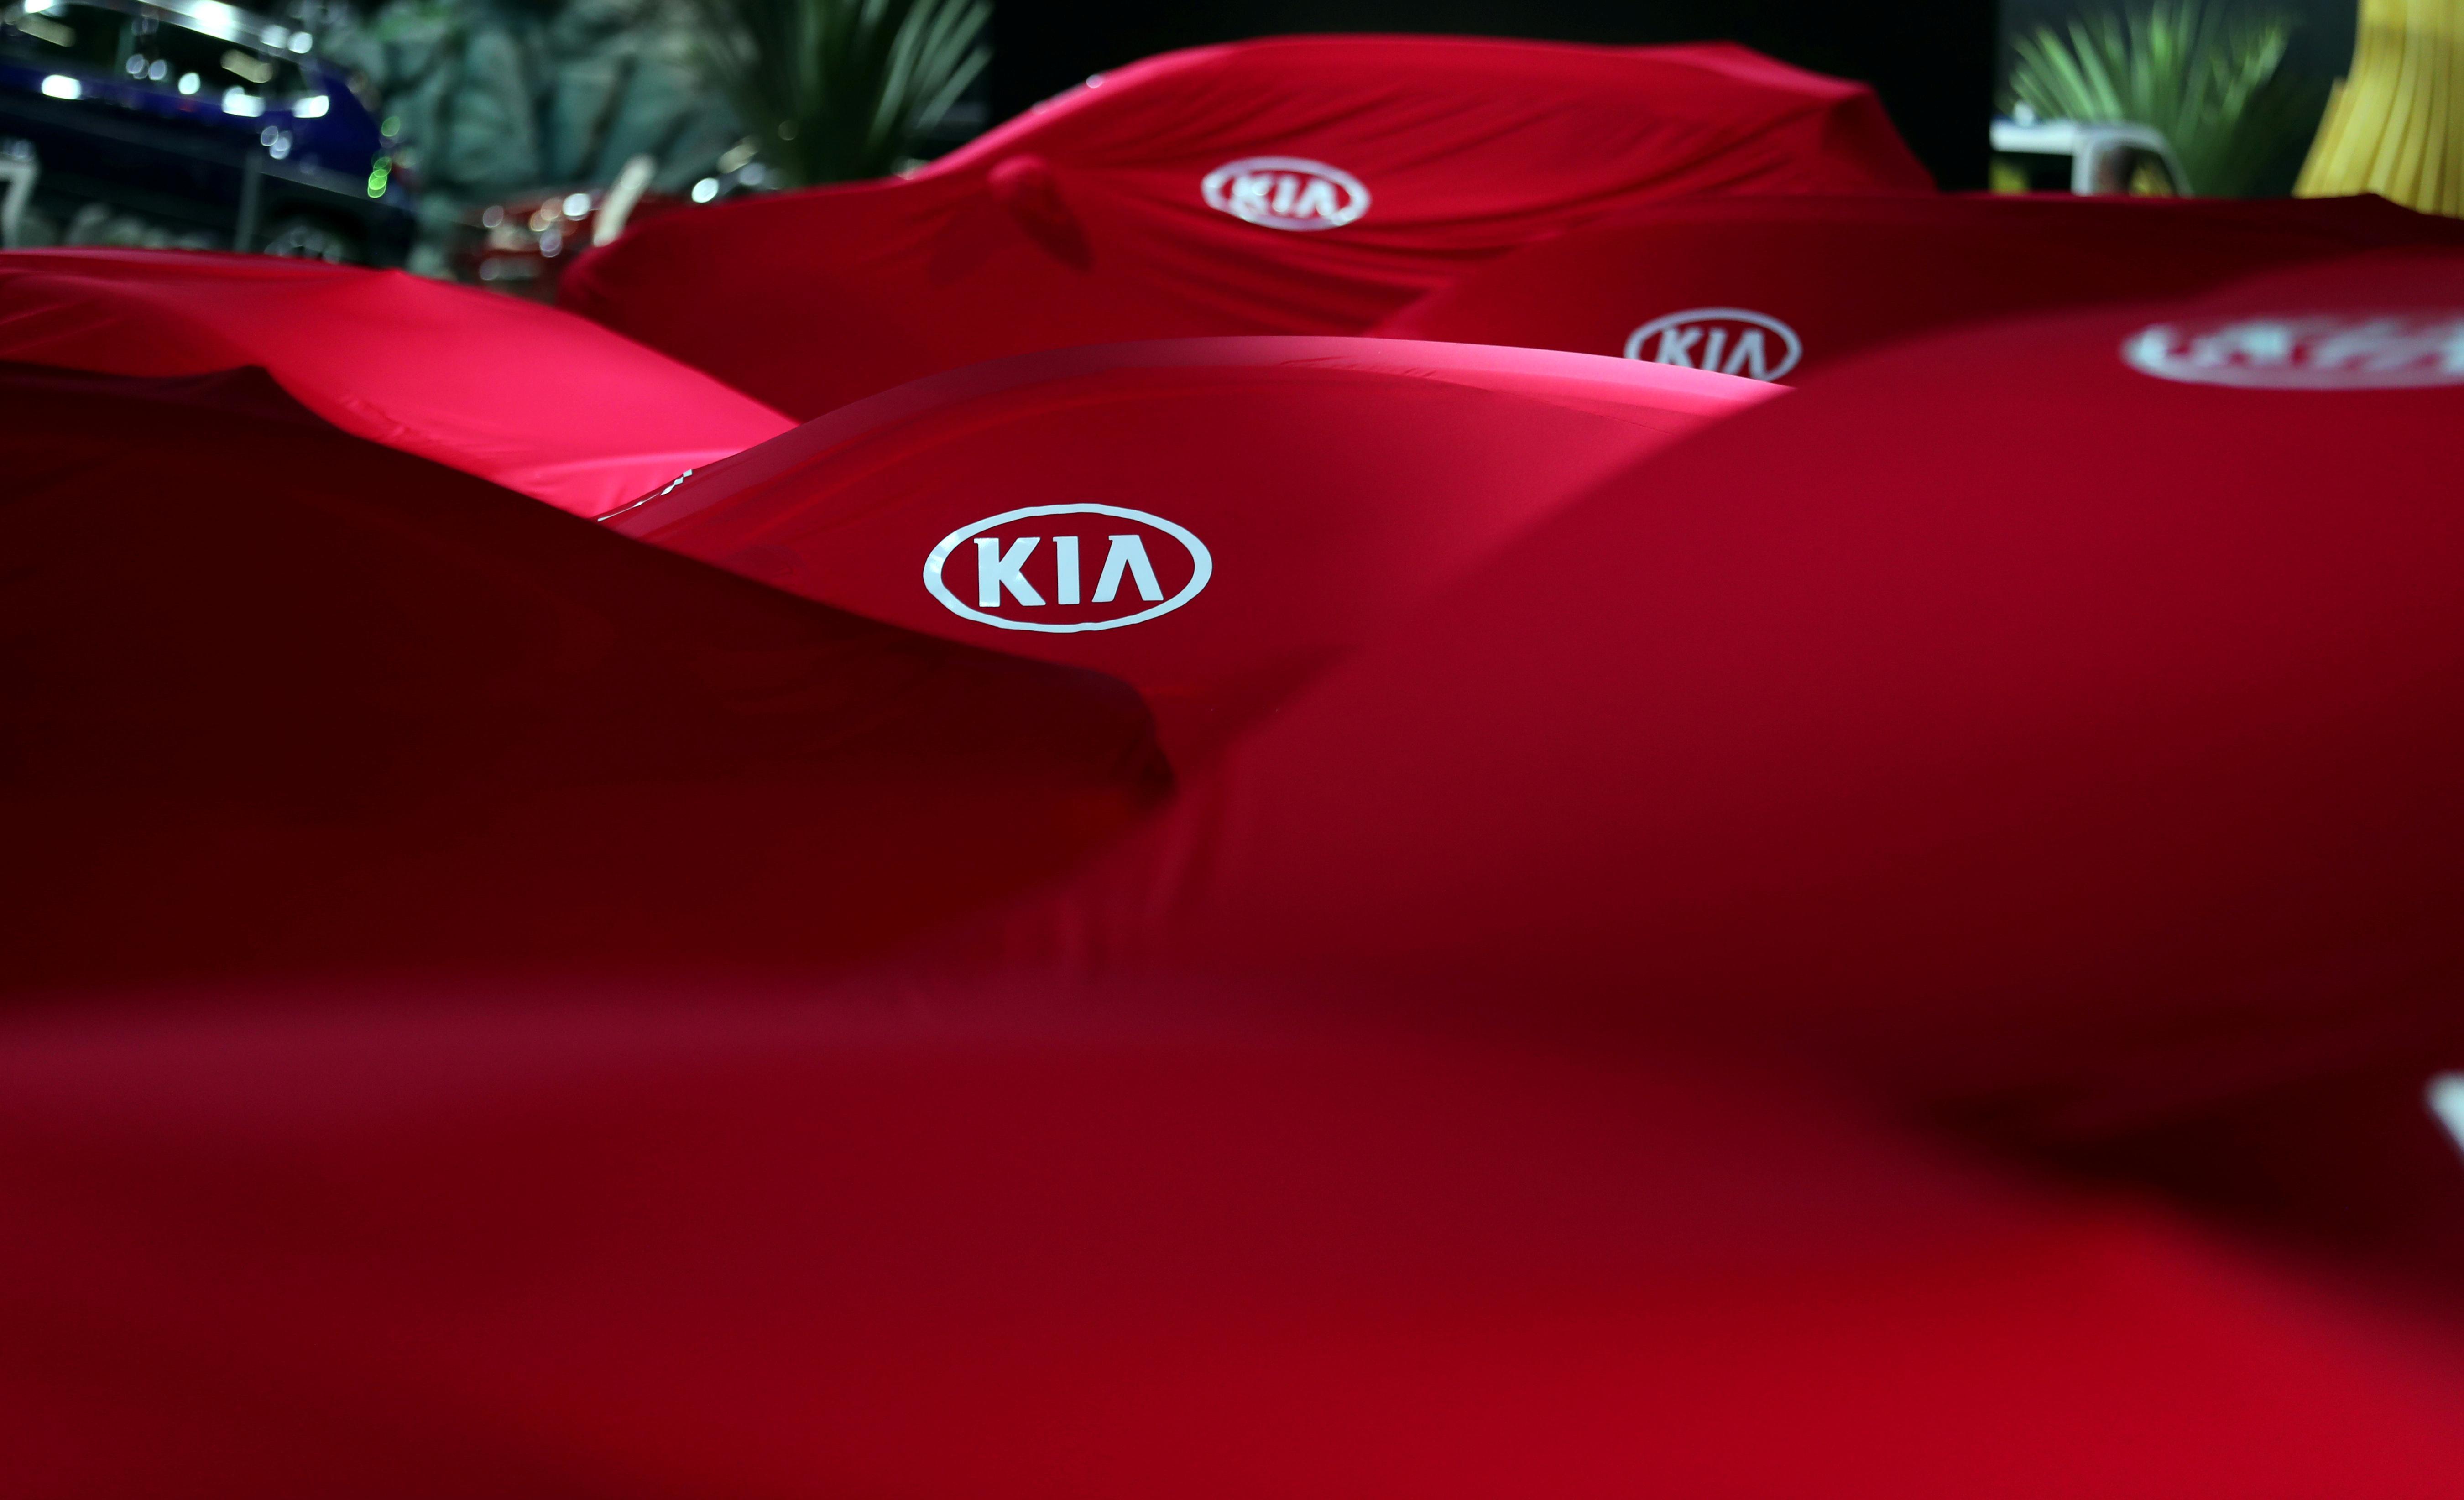 Hyundai shares skid as U S  prosecutors probe Hyundai car